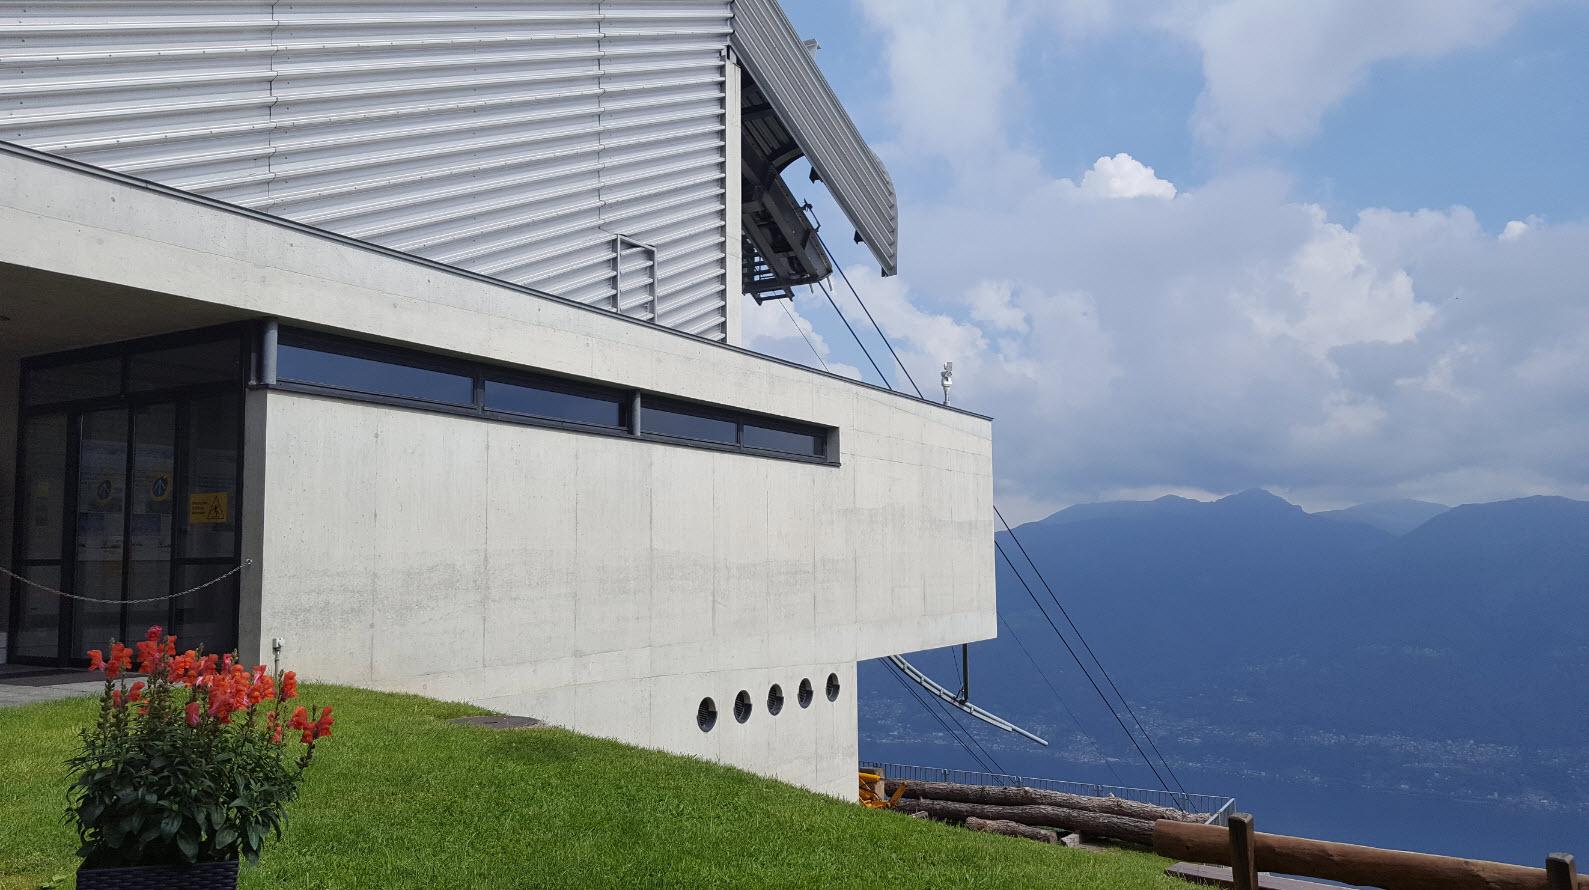 Arrivee du telepherique de Lugano a Cardada